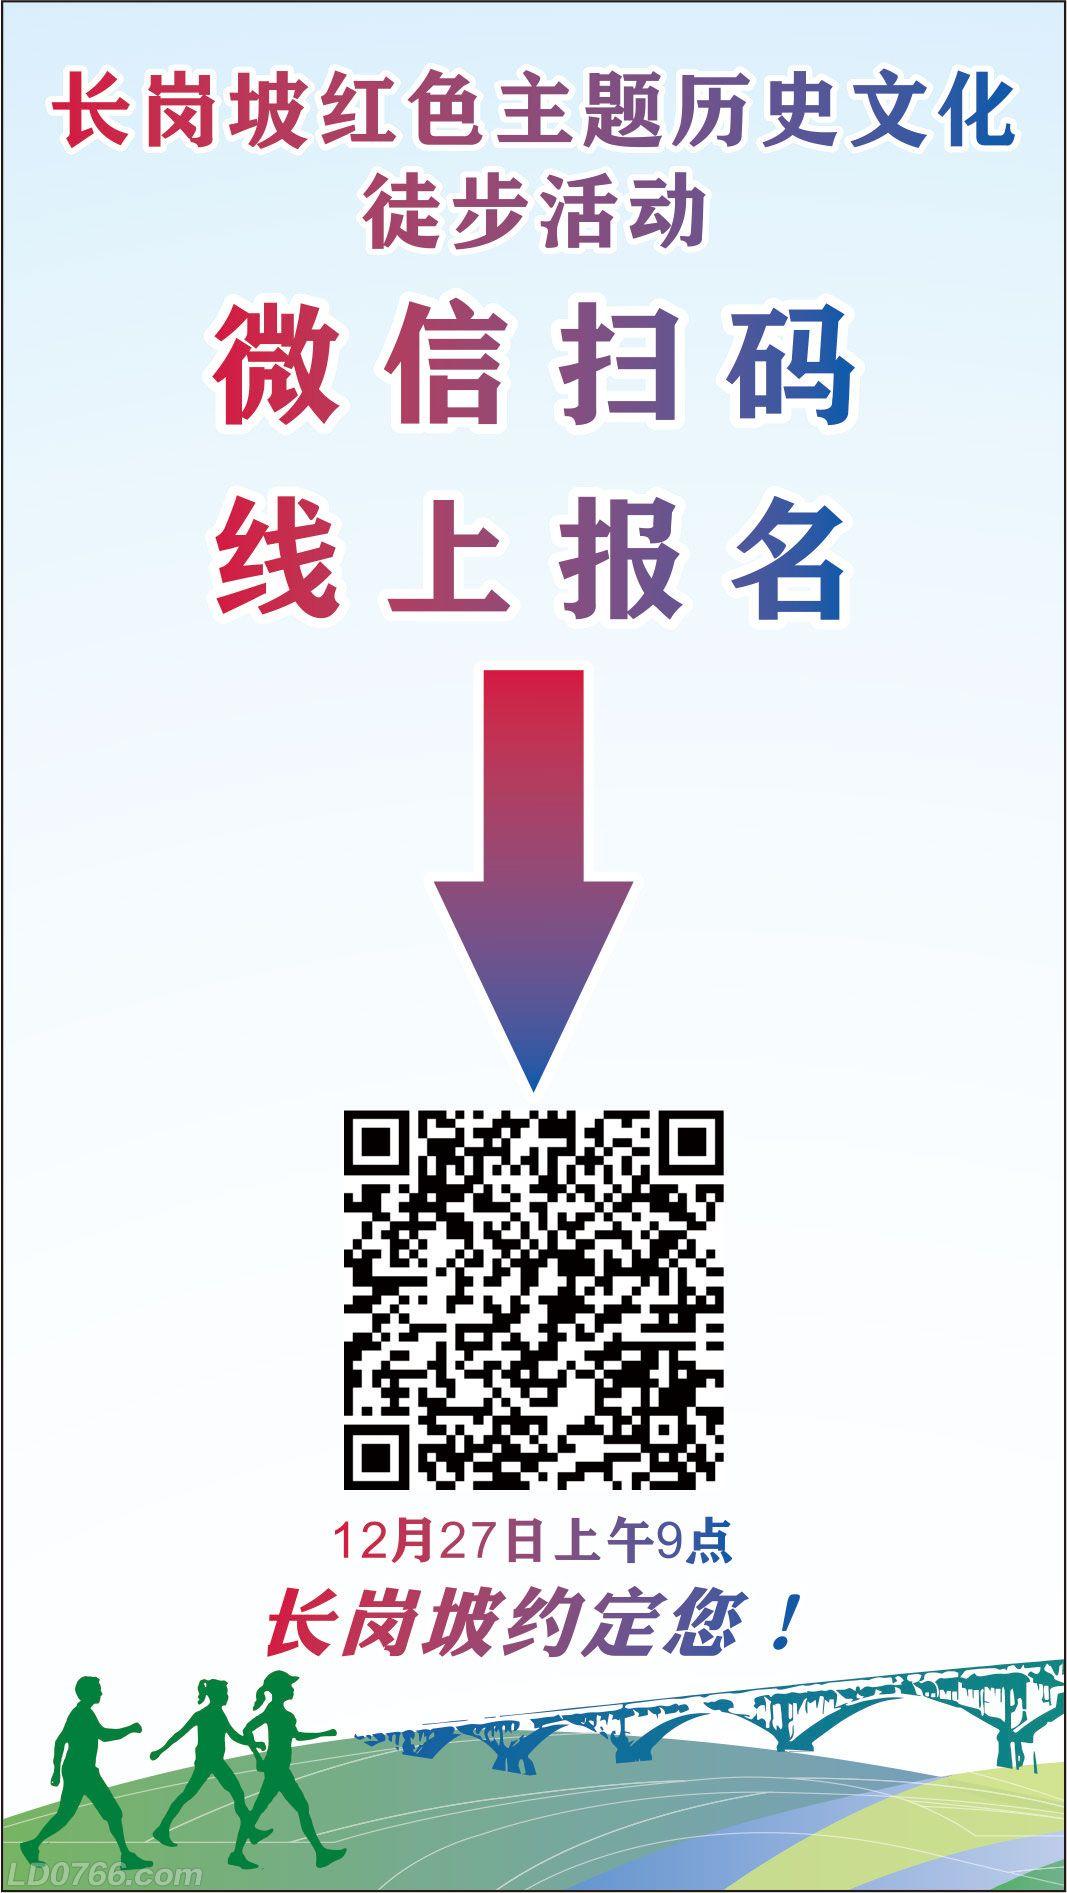 徒步网上报名二维码1.jpg